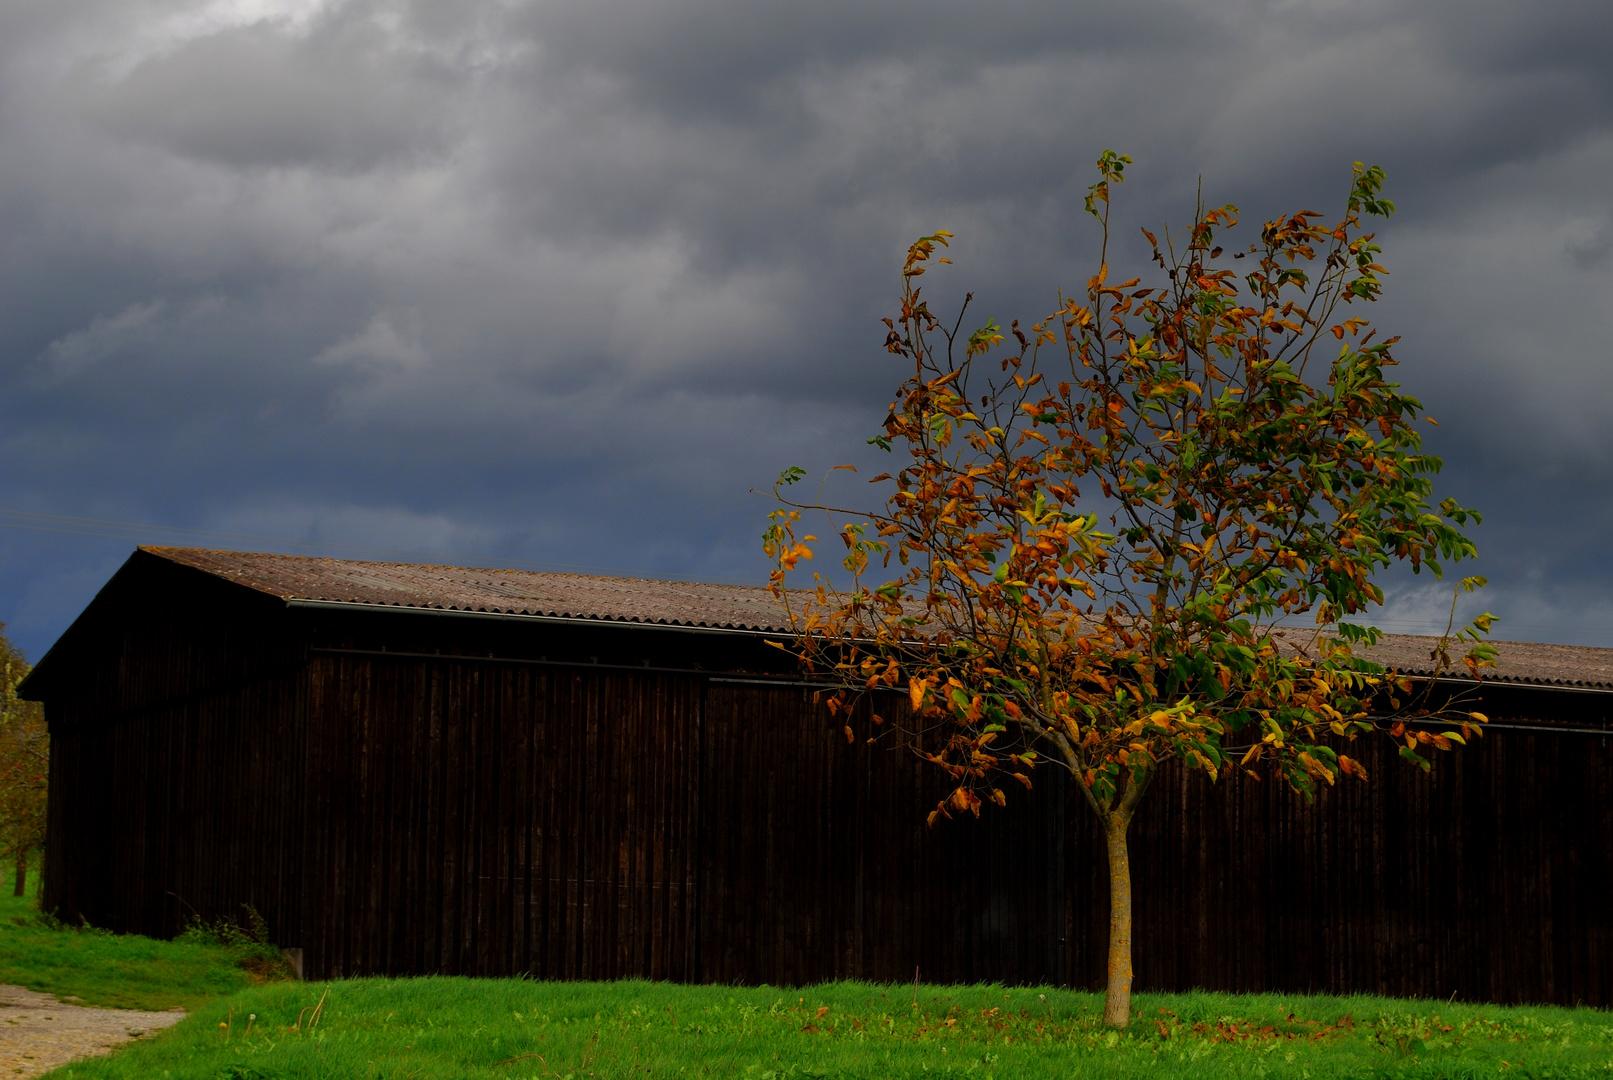 Feldscheune im Herbst